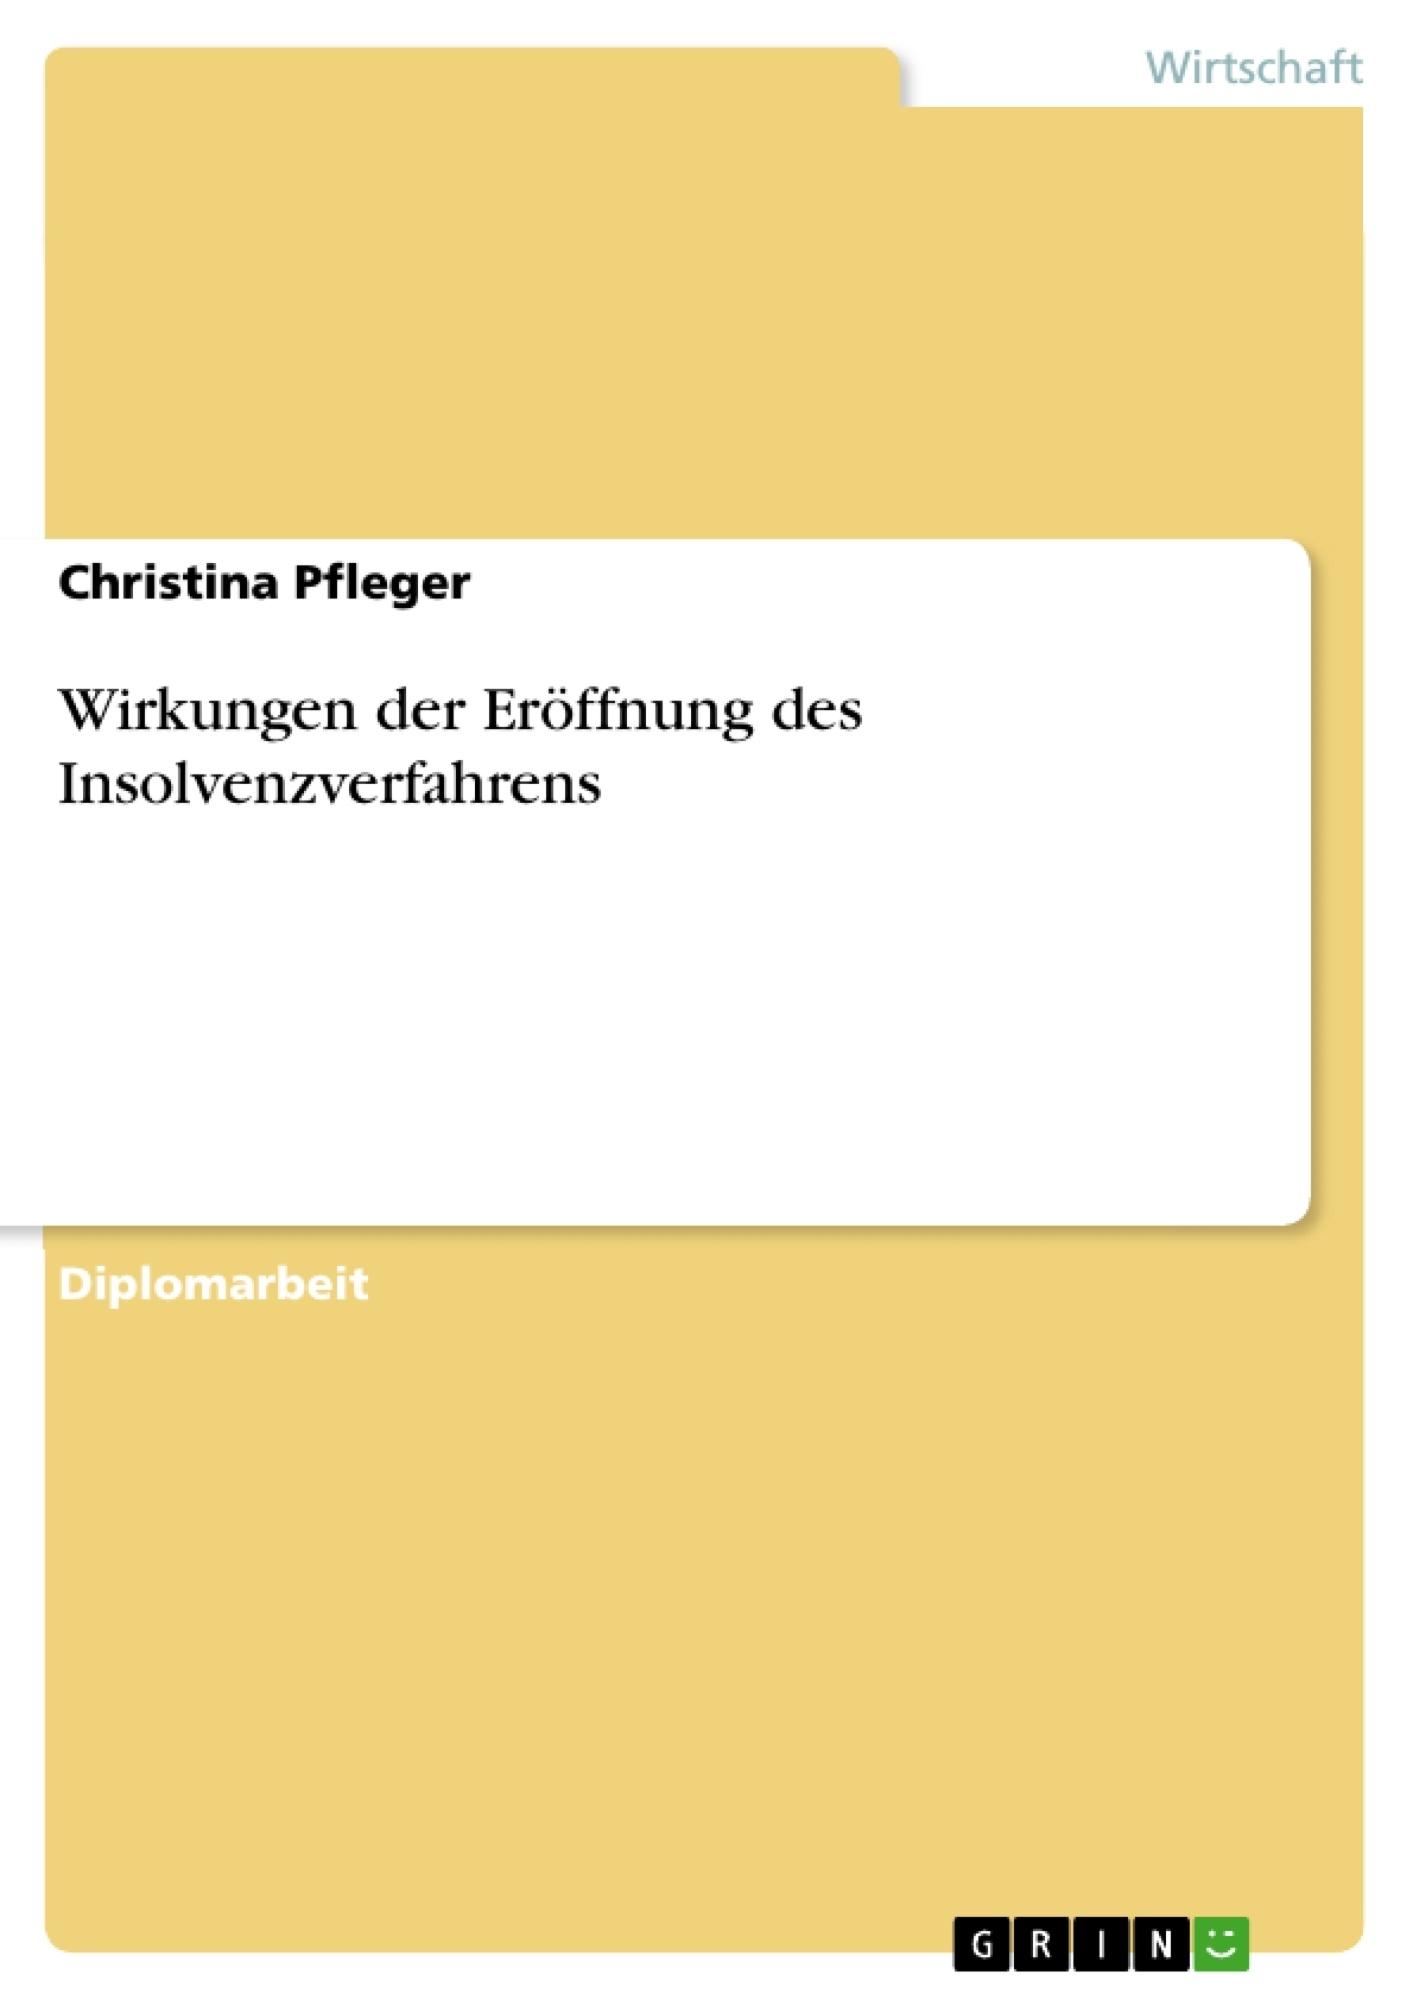 Titel: Wirkungen der Eröffnung des Insolvenzverfahrens